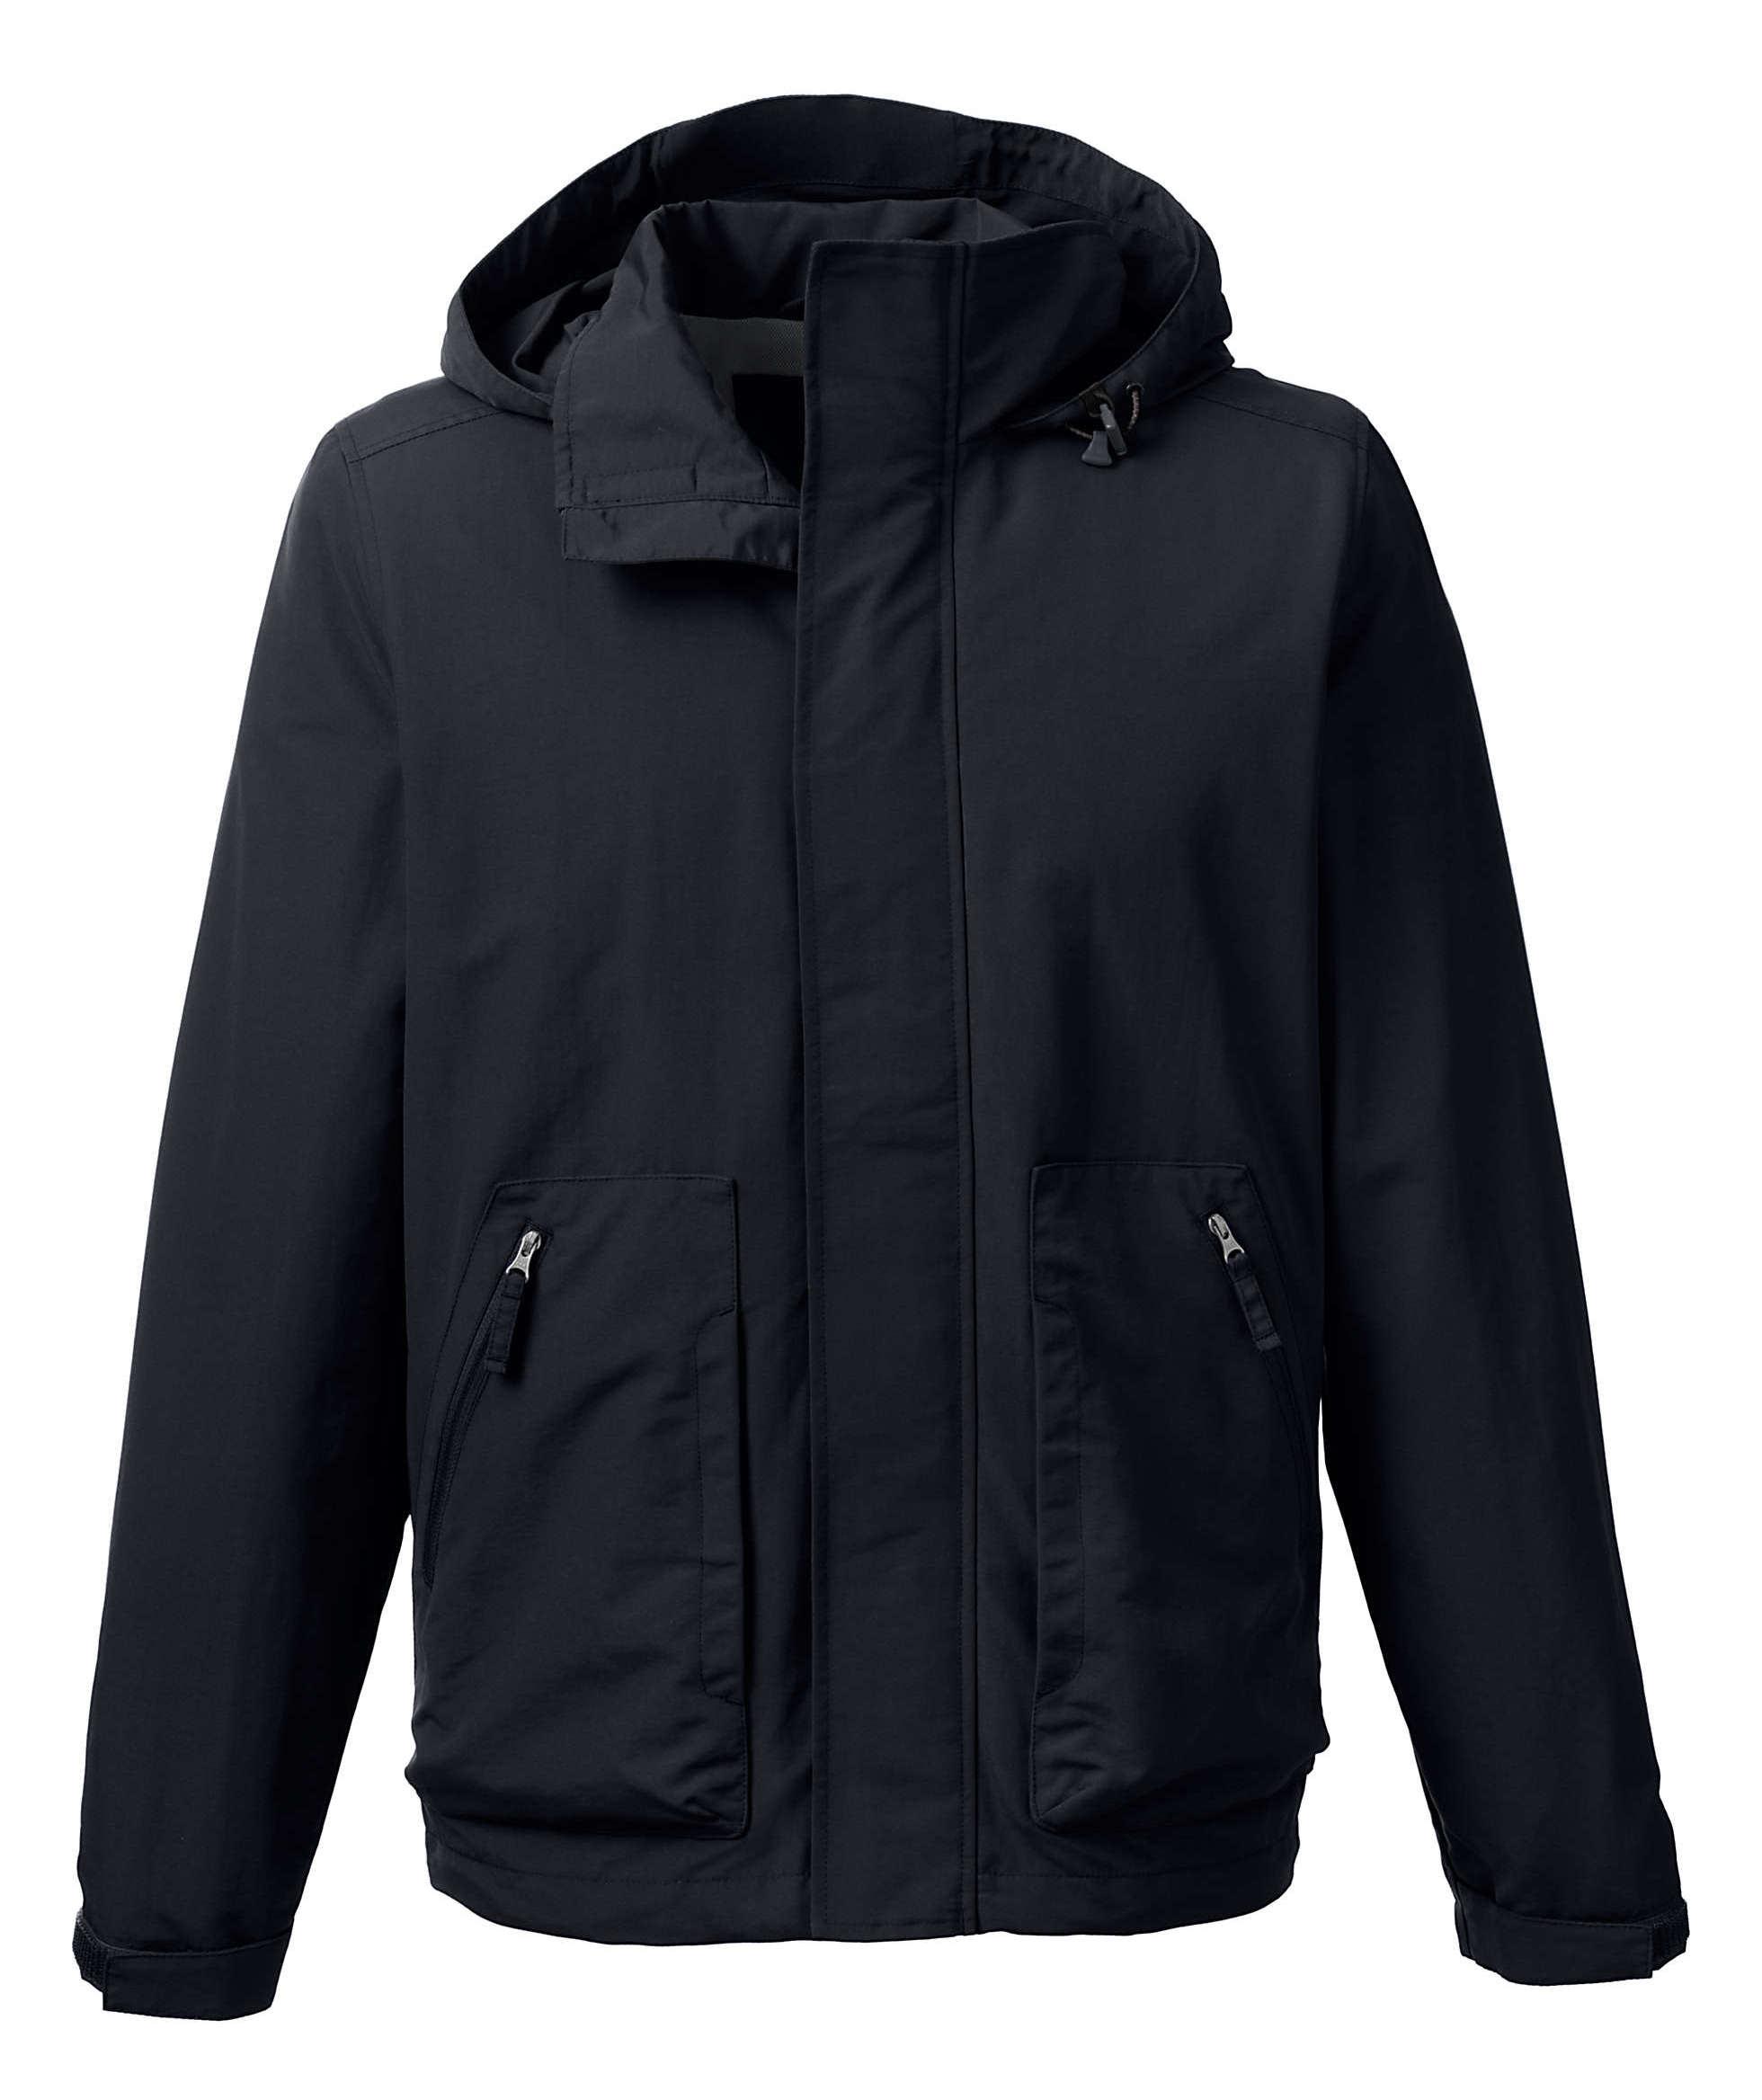 Lands' End Men's Outrigger Mesh Lined Jacket